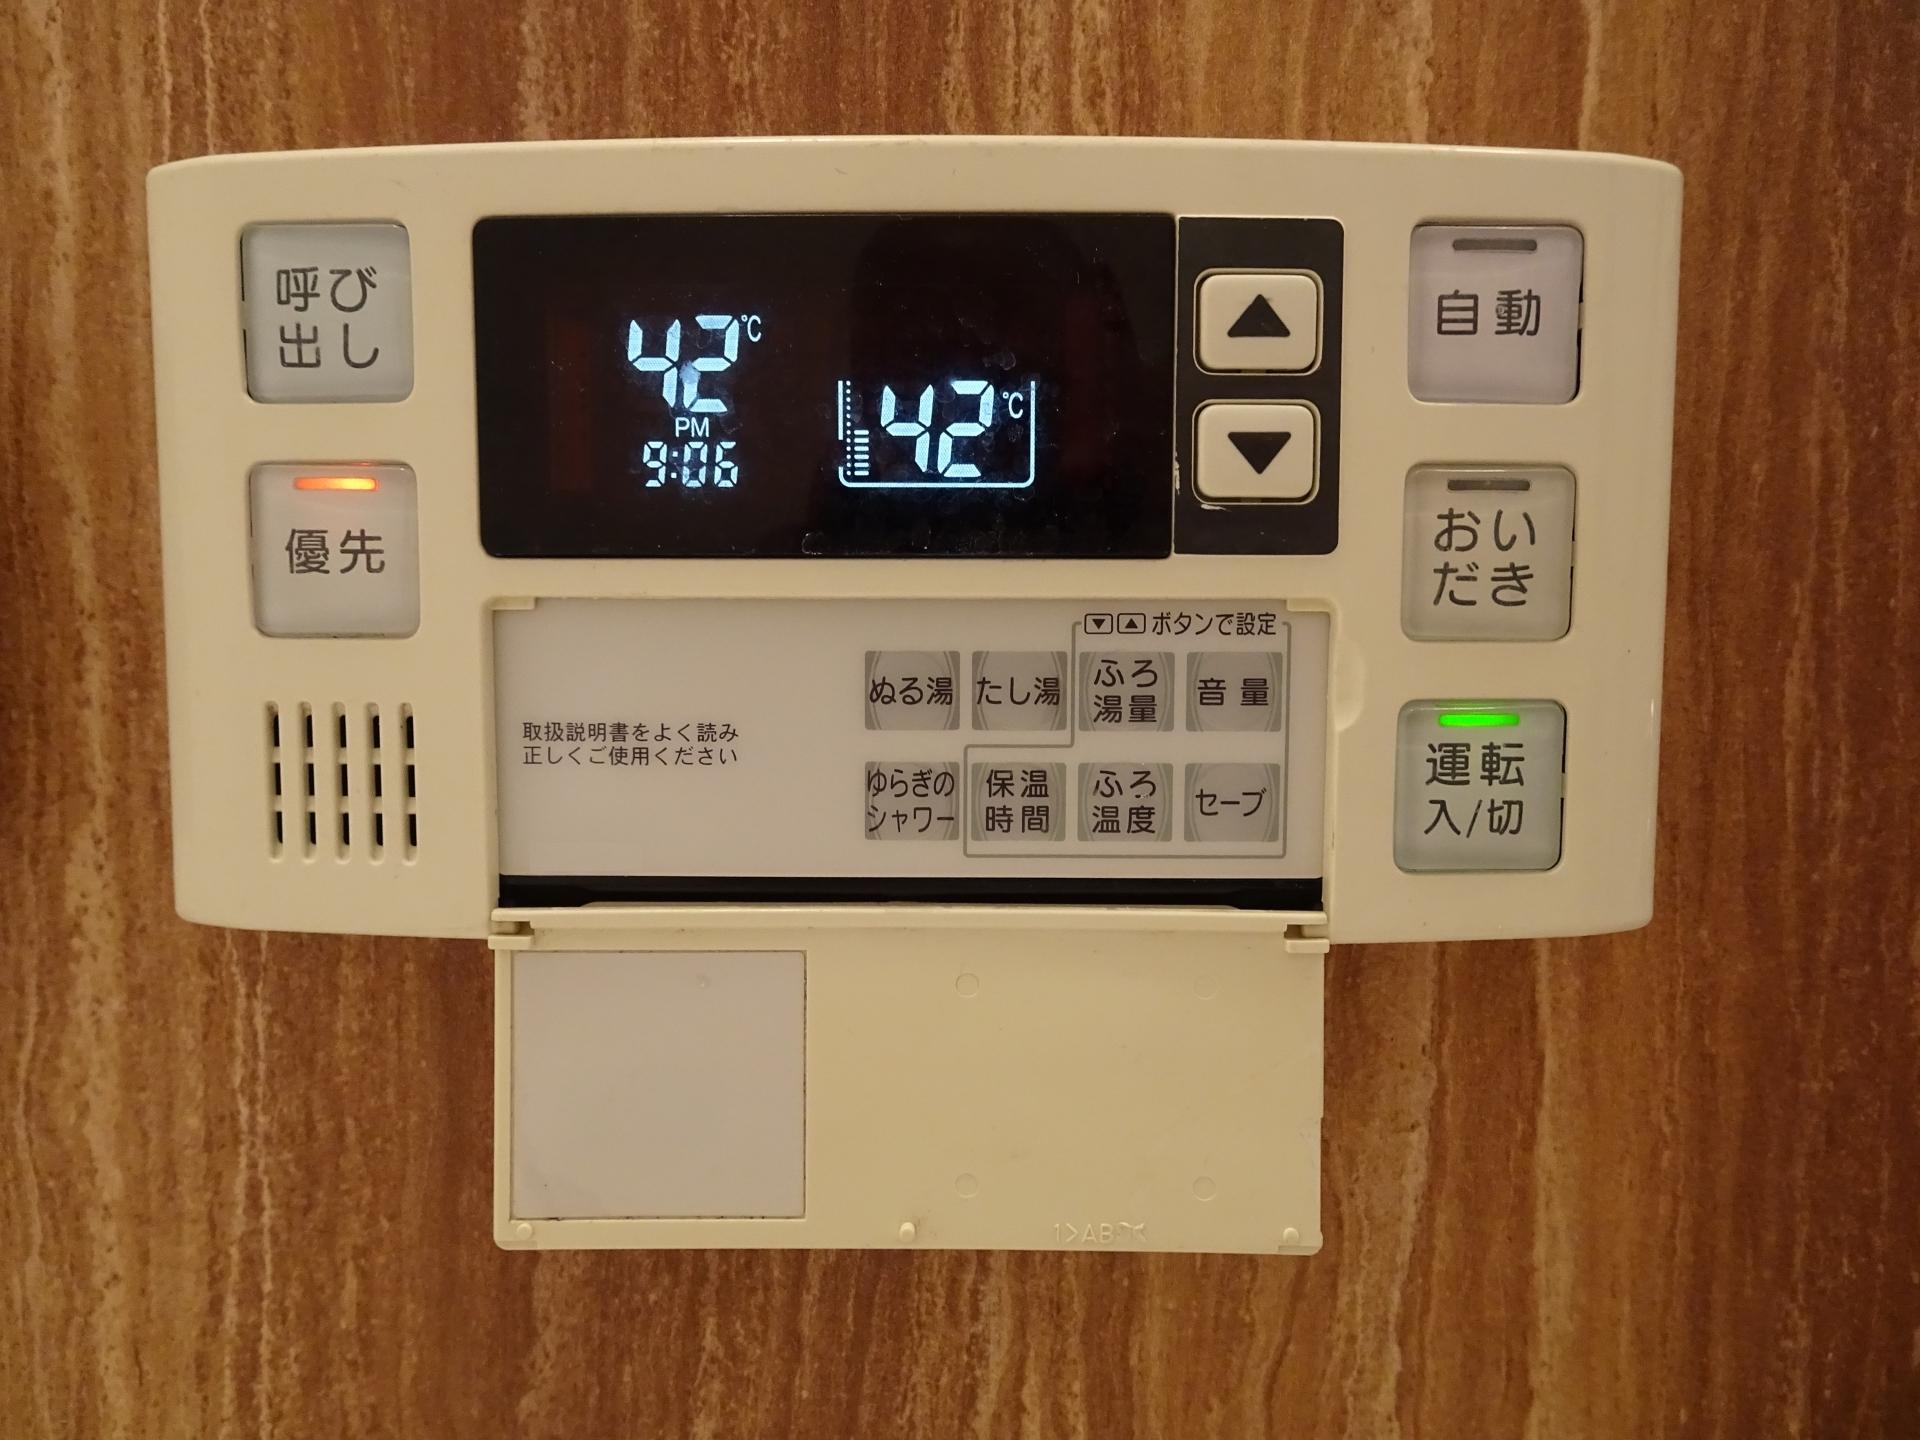 給湯器メーカーごとののリモコンの機能